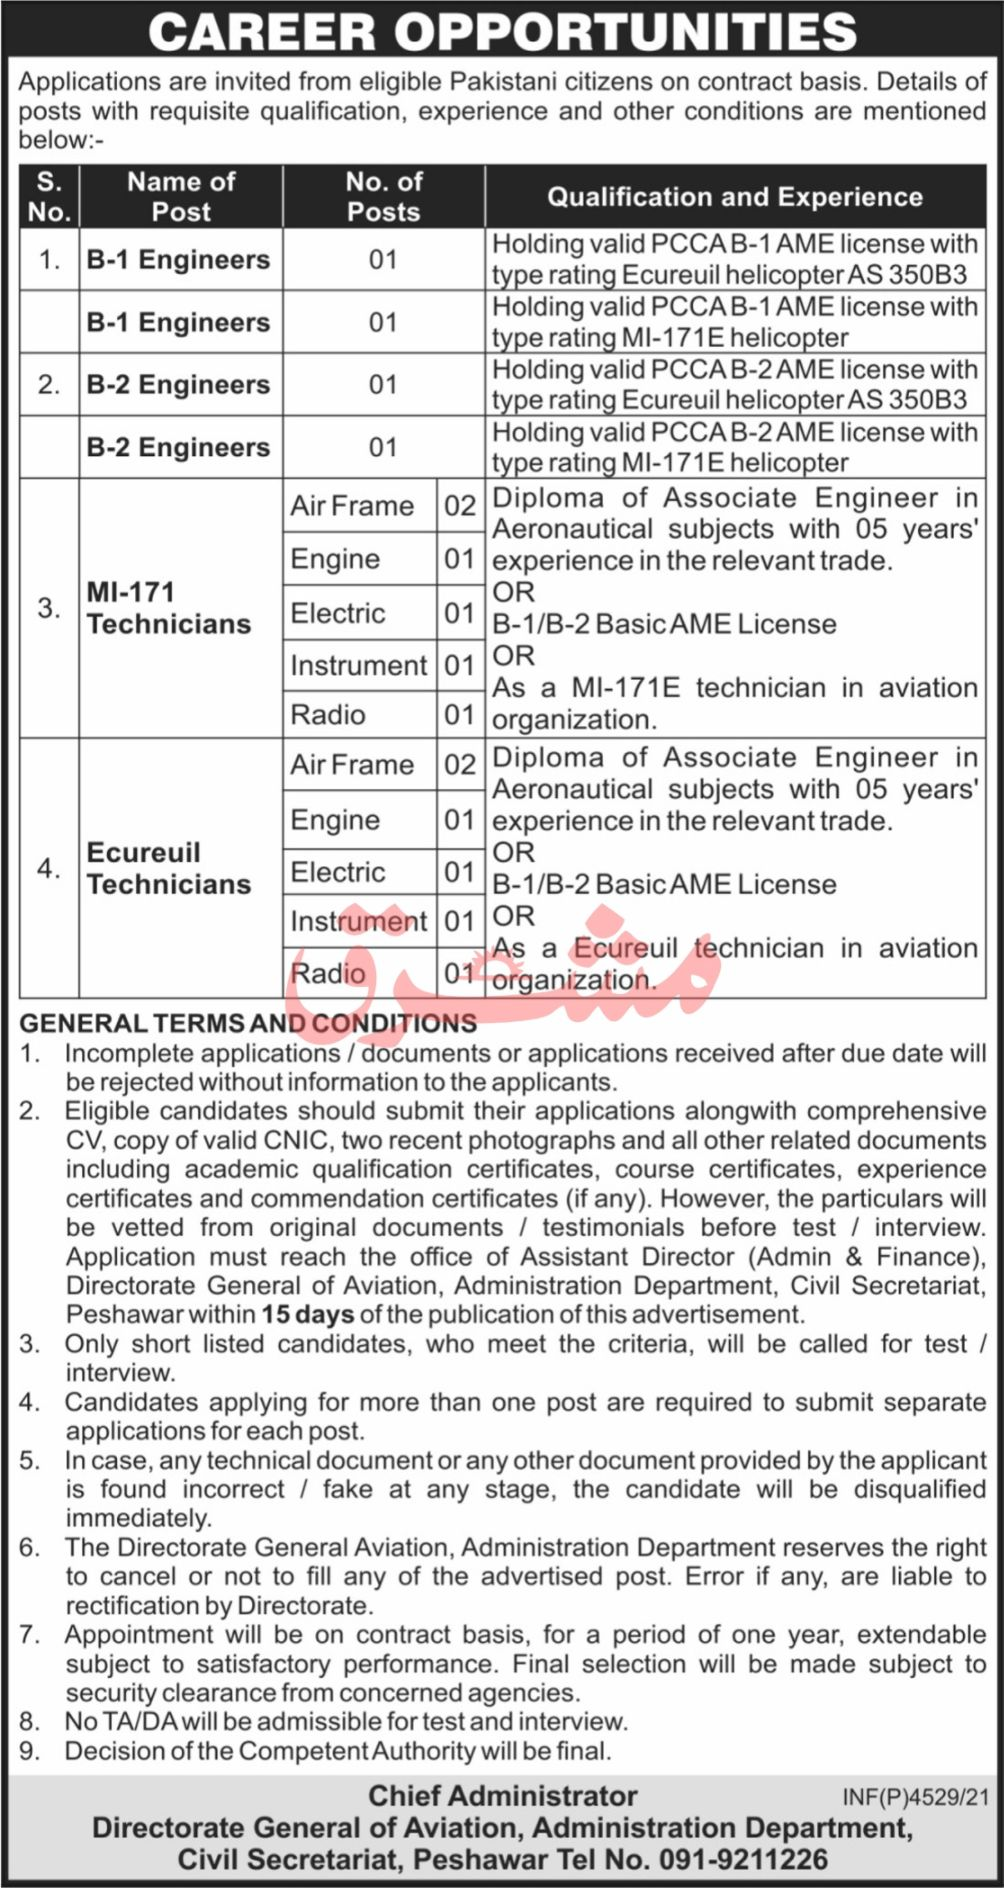 Directorate General of Aviation Administration Department Peshawar Vacancies 2021 3